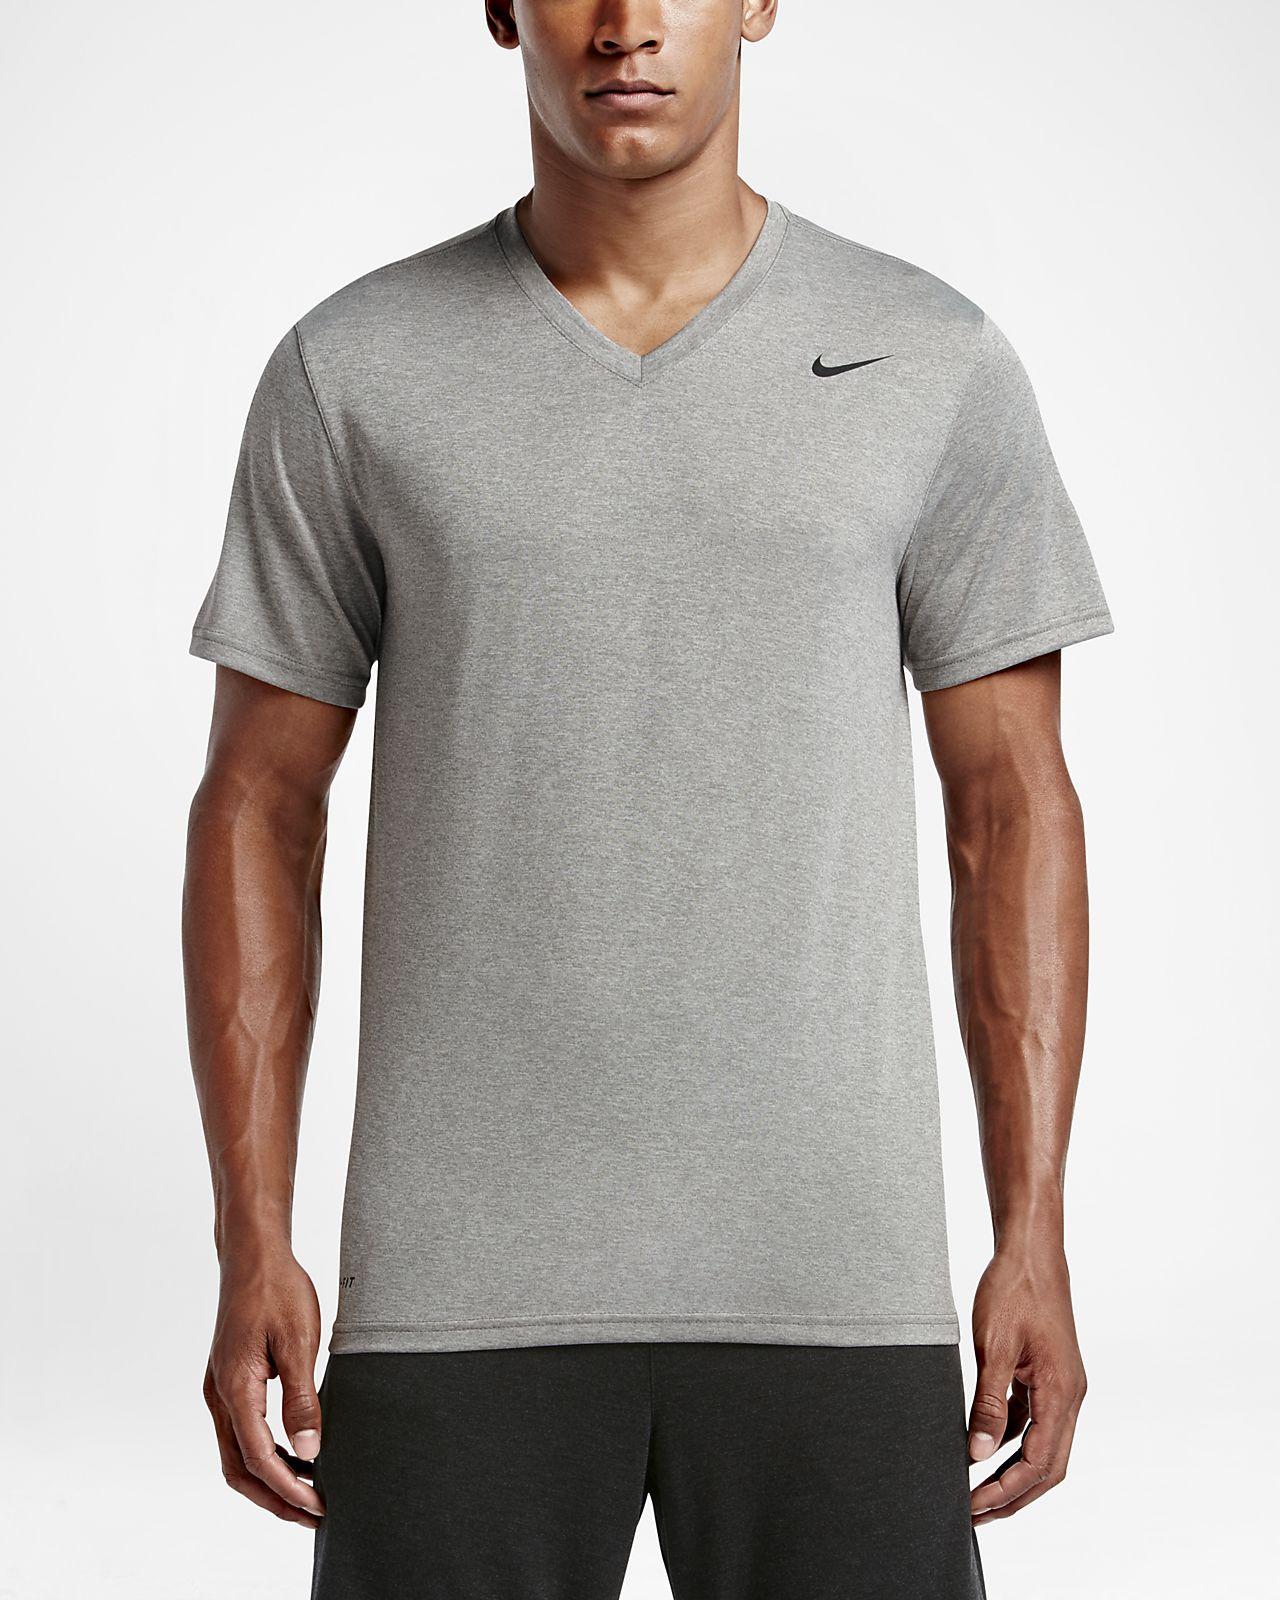 Nike Legend 2.0 V-Neck Men's Training Shirt